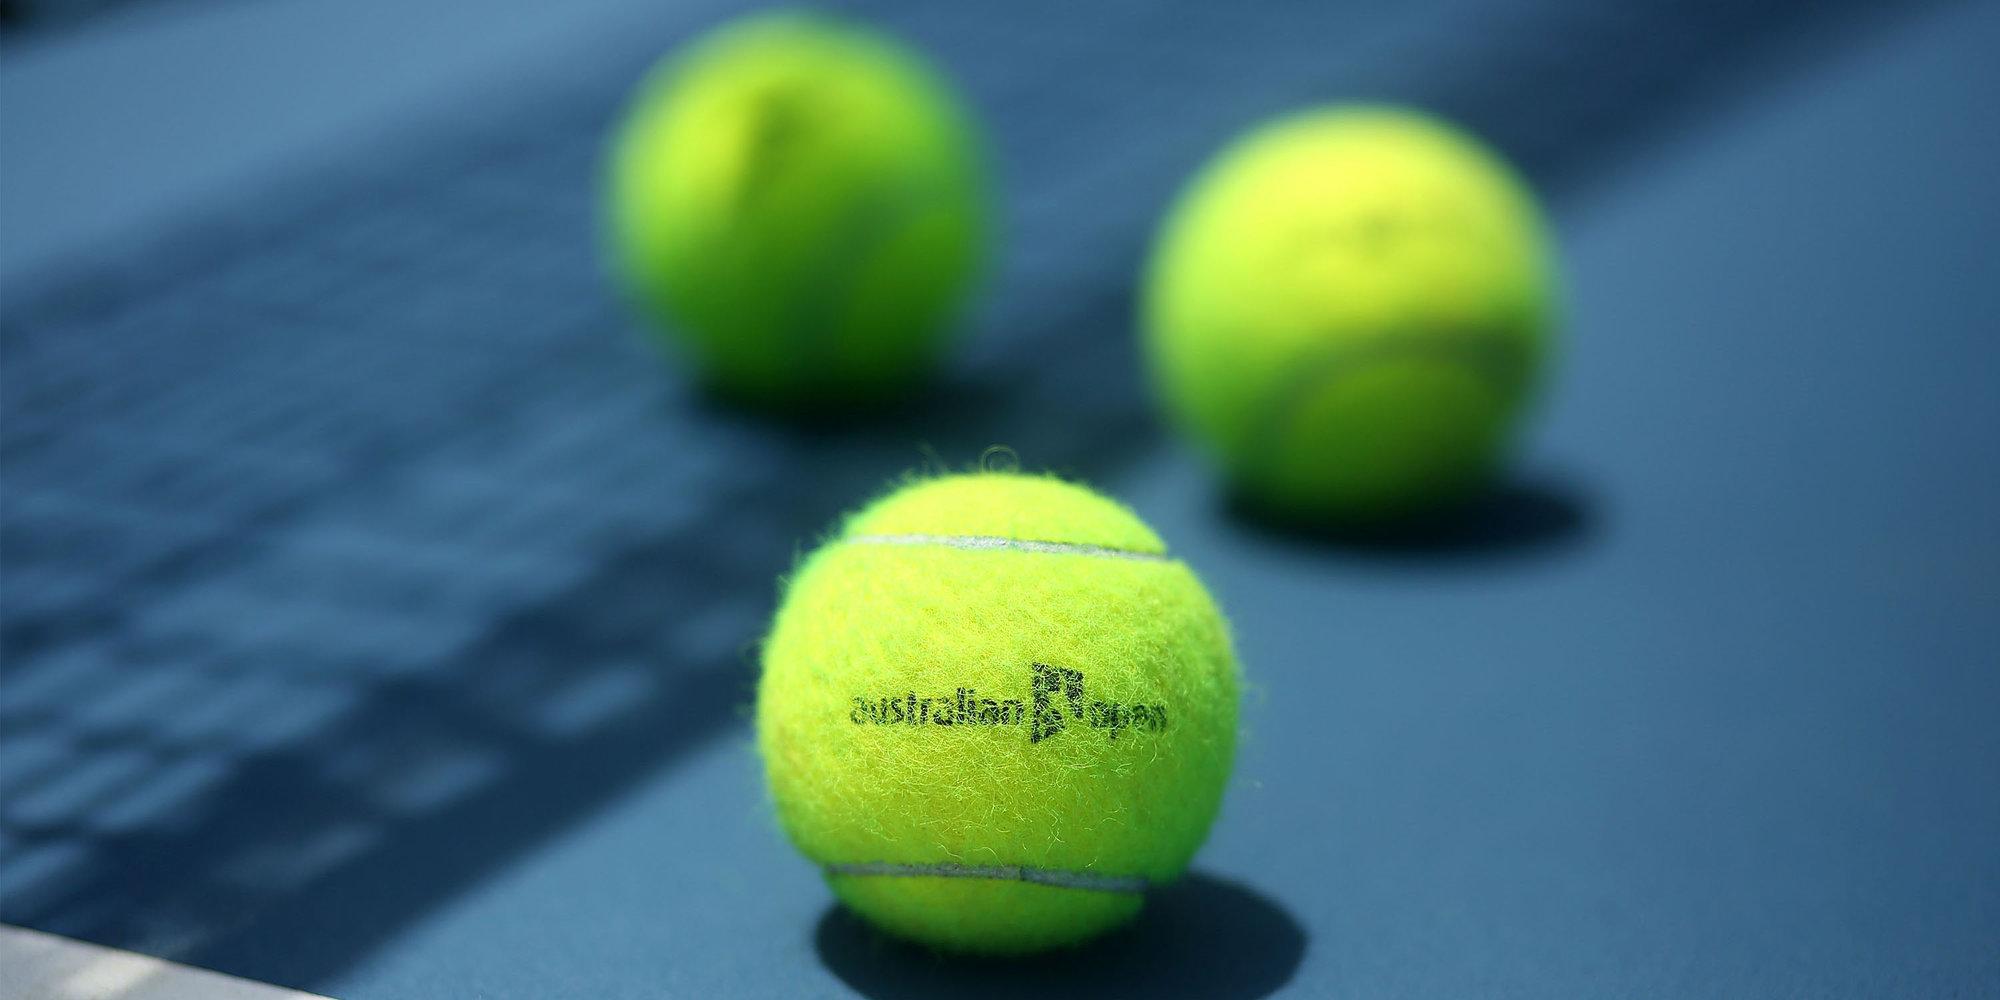 Испанского теннисиста дисквалифицировали на восемь лет